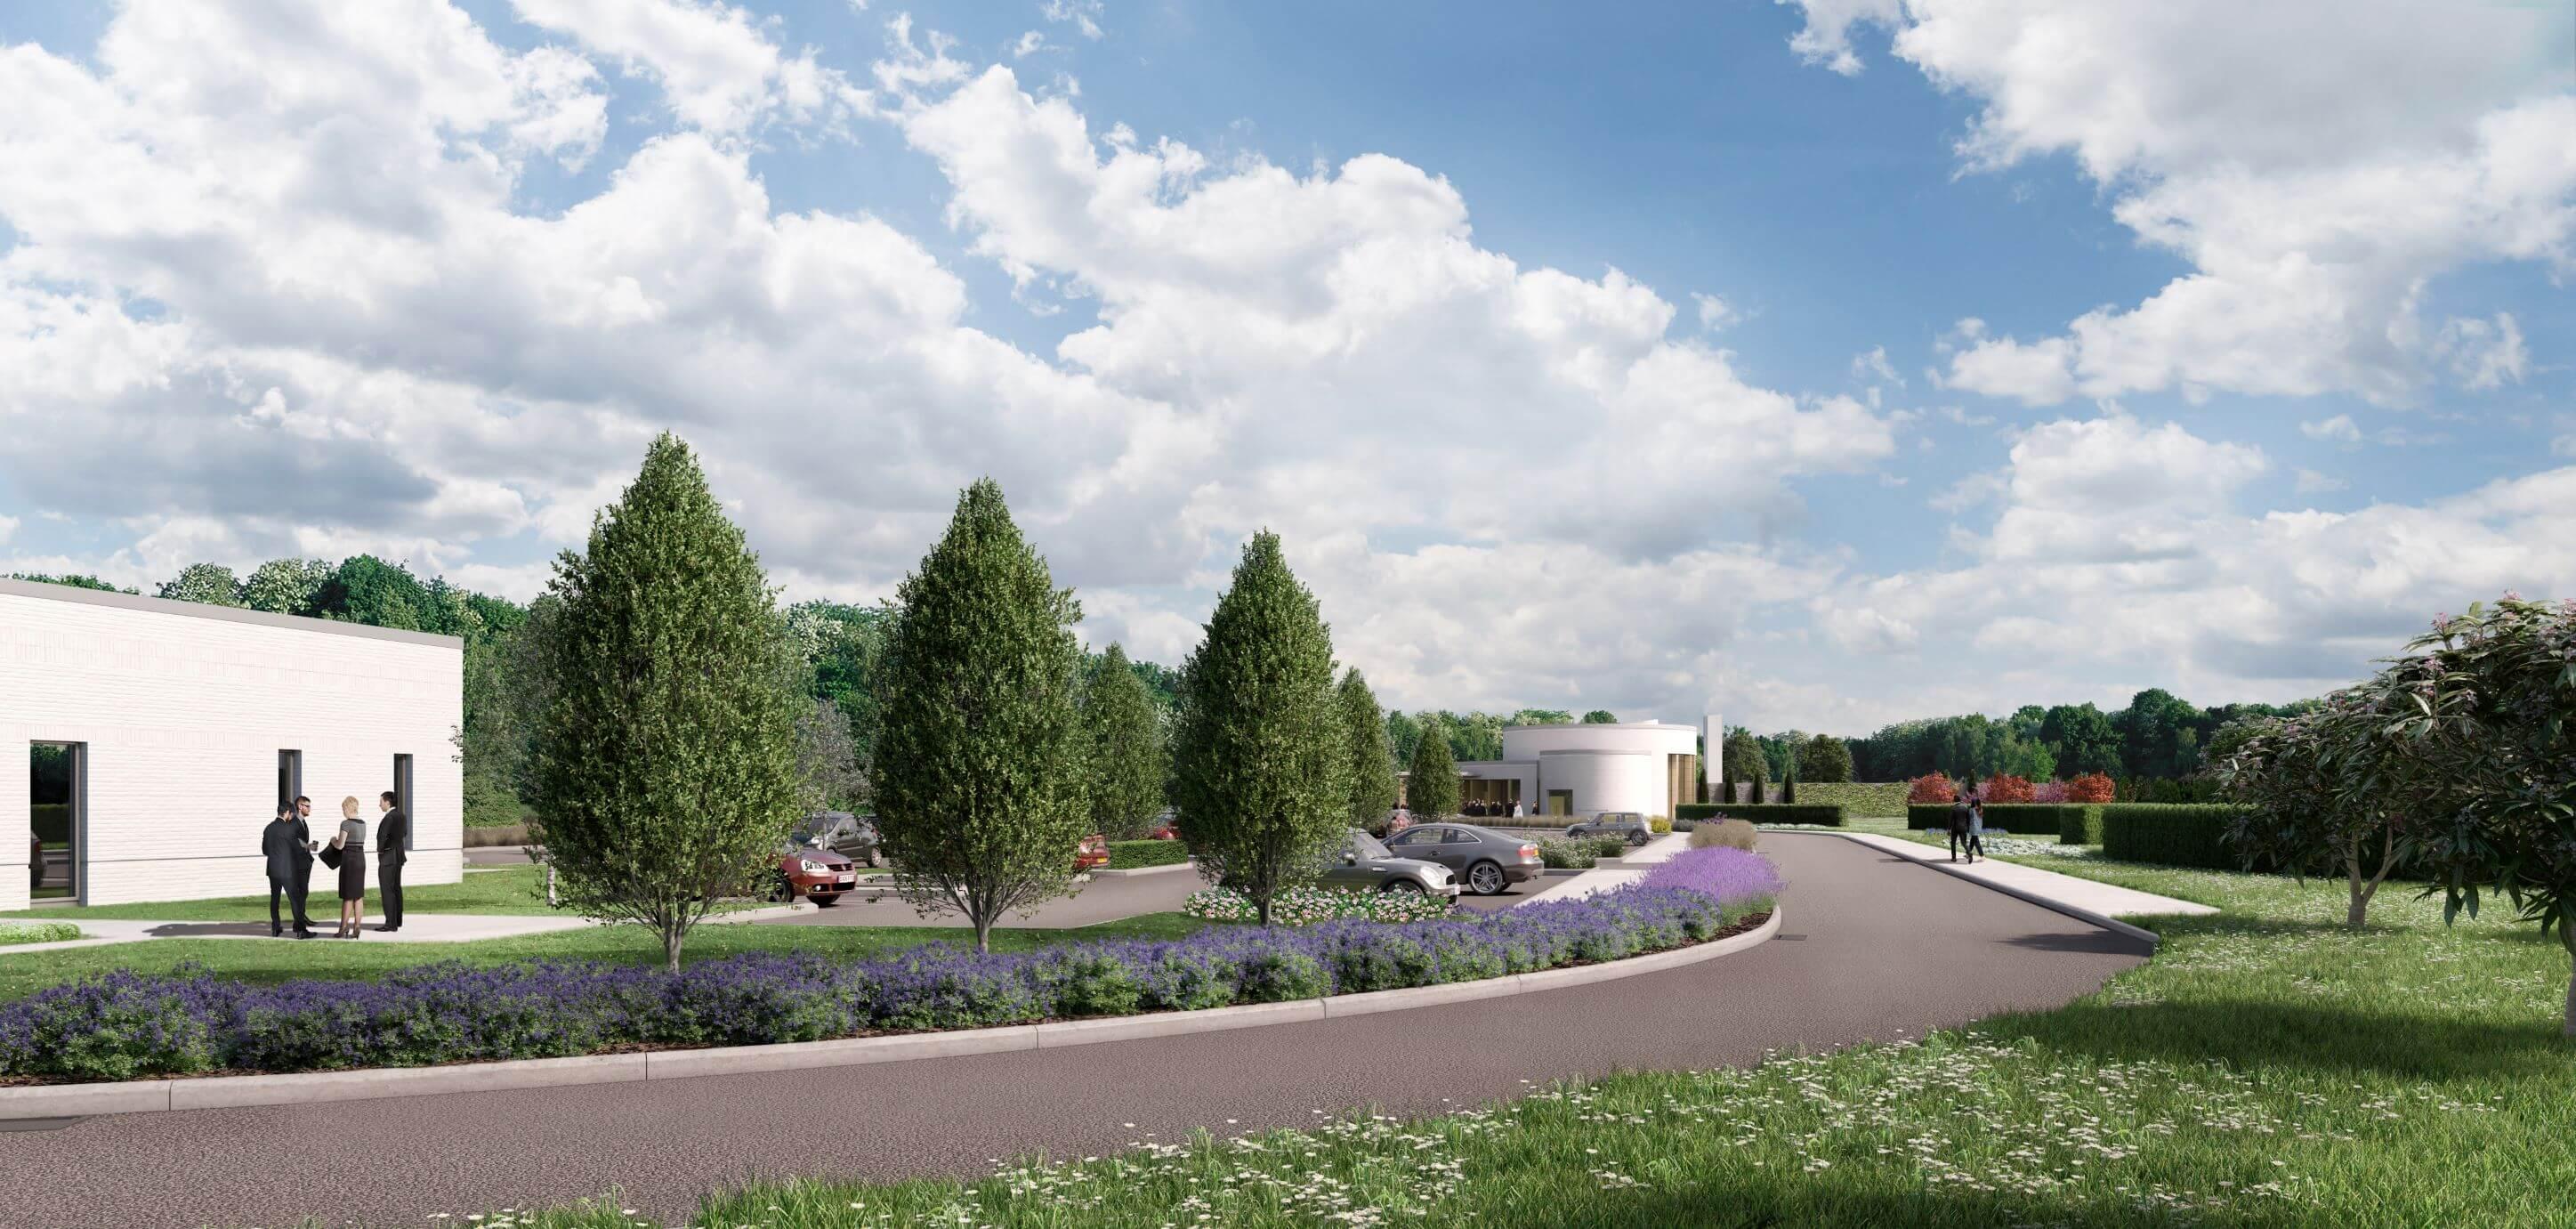 Huntingdon Crematorium, landscape and biodiversity